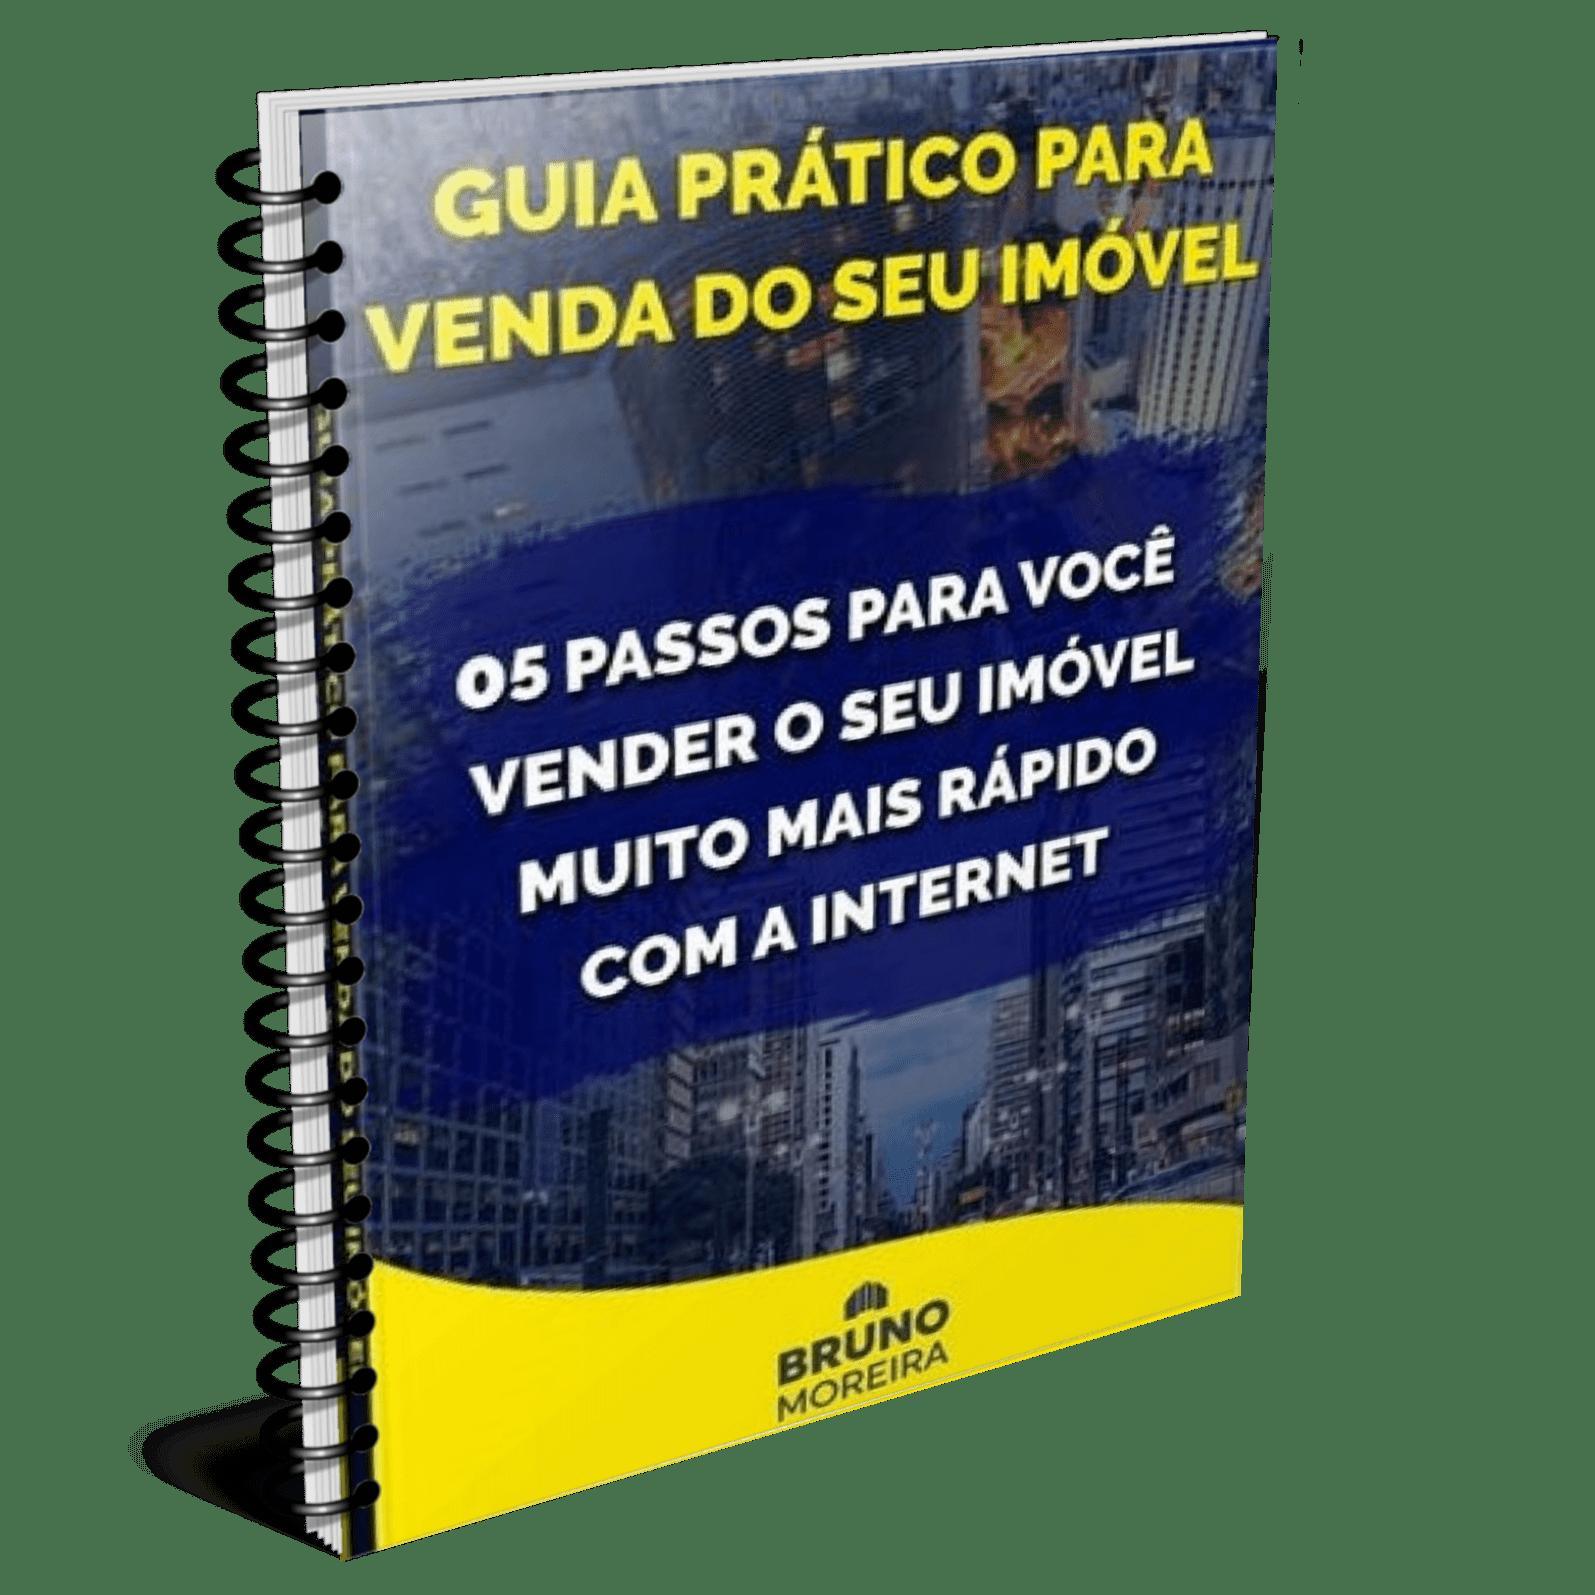 E102   [e-book] Guia Prático para venda do seu imóvel